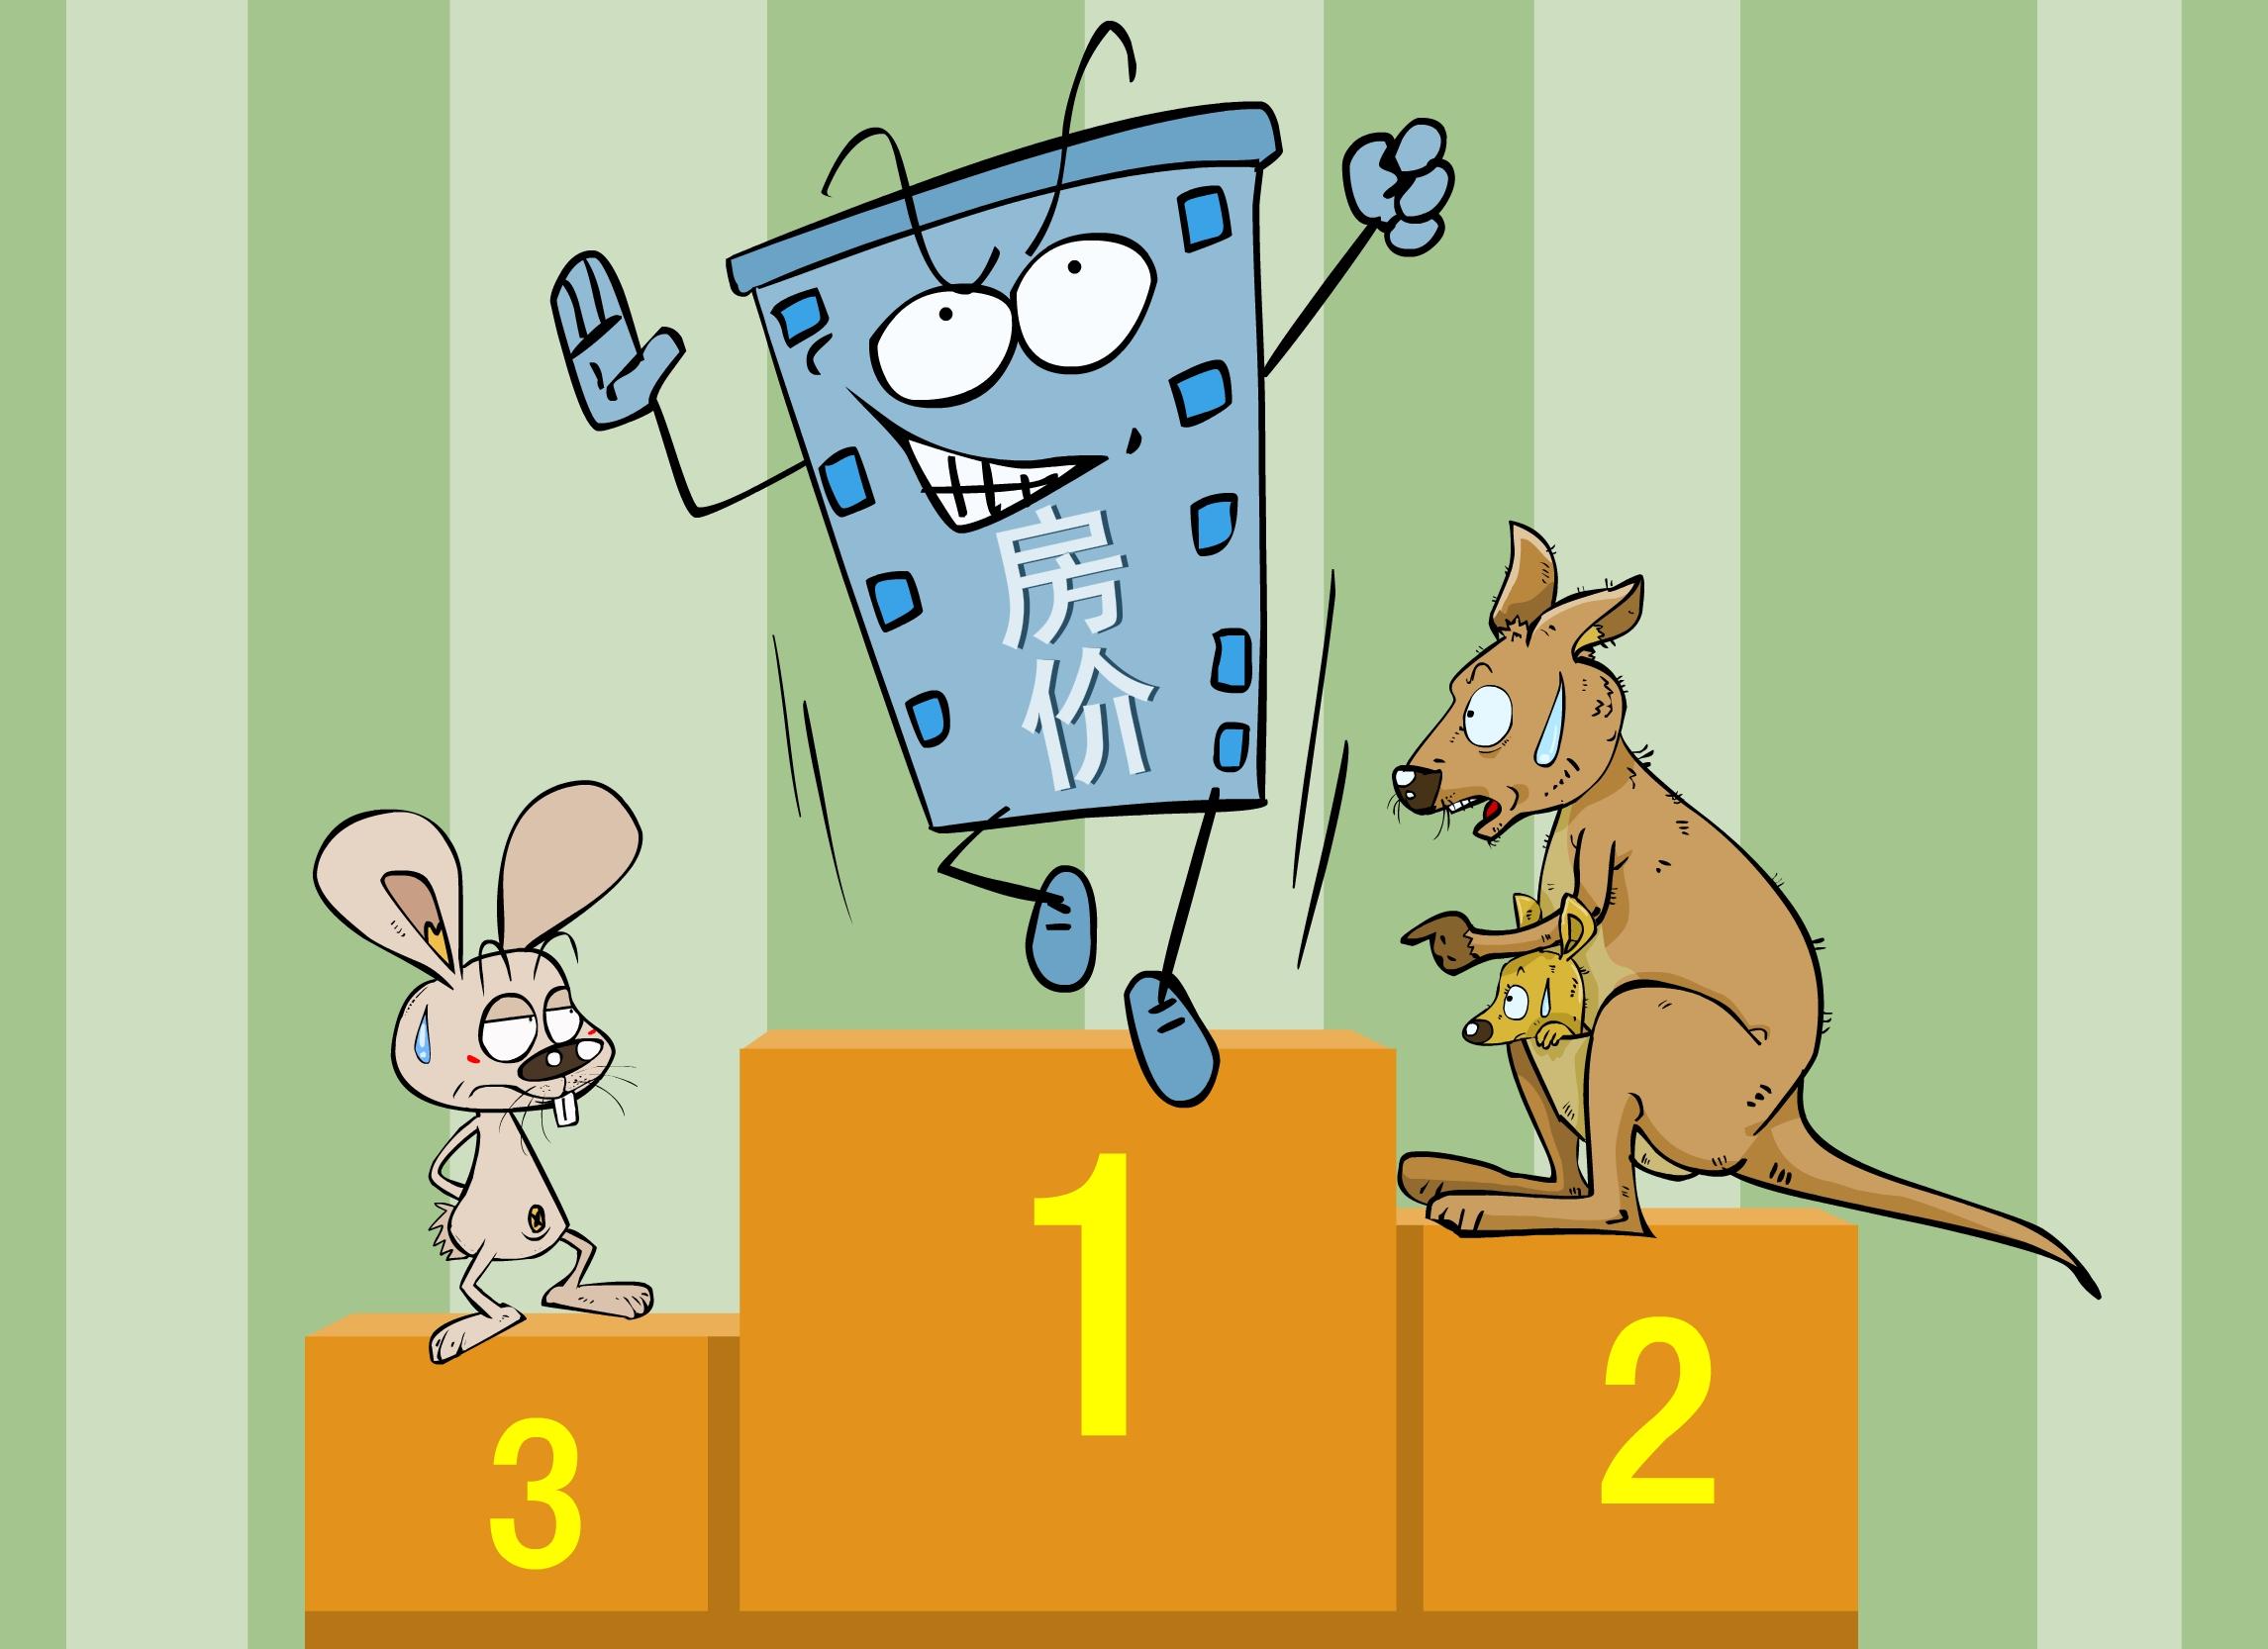 兔匪匪找不同系列18